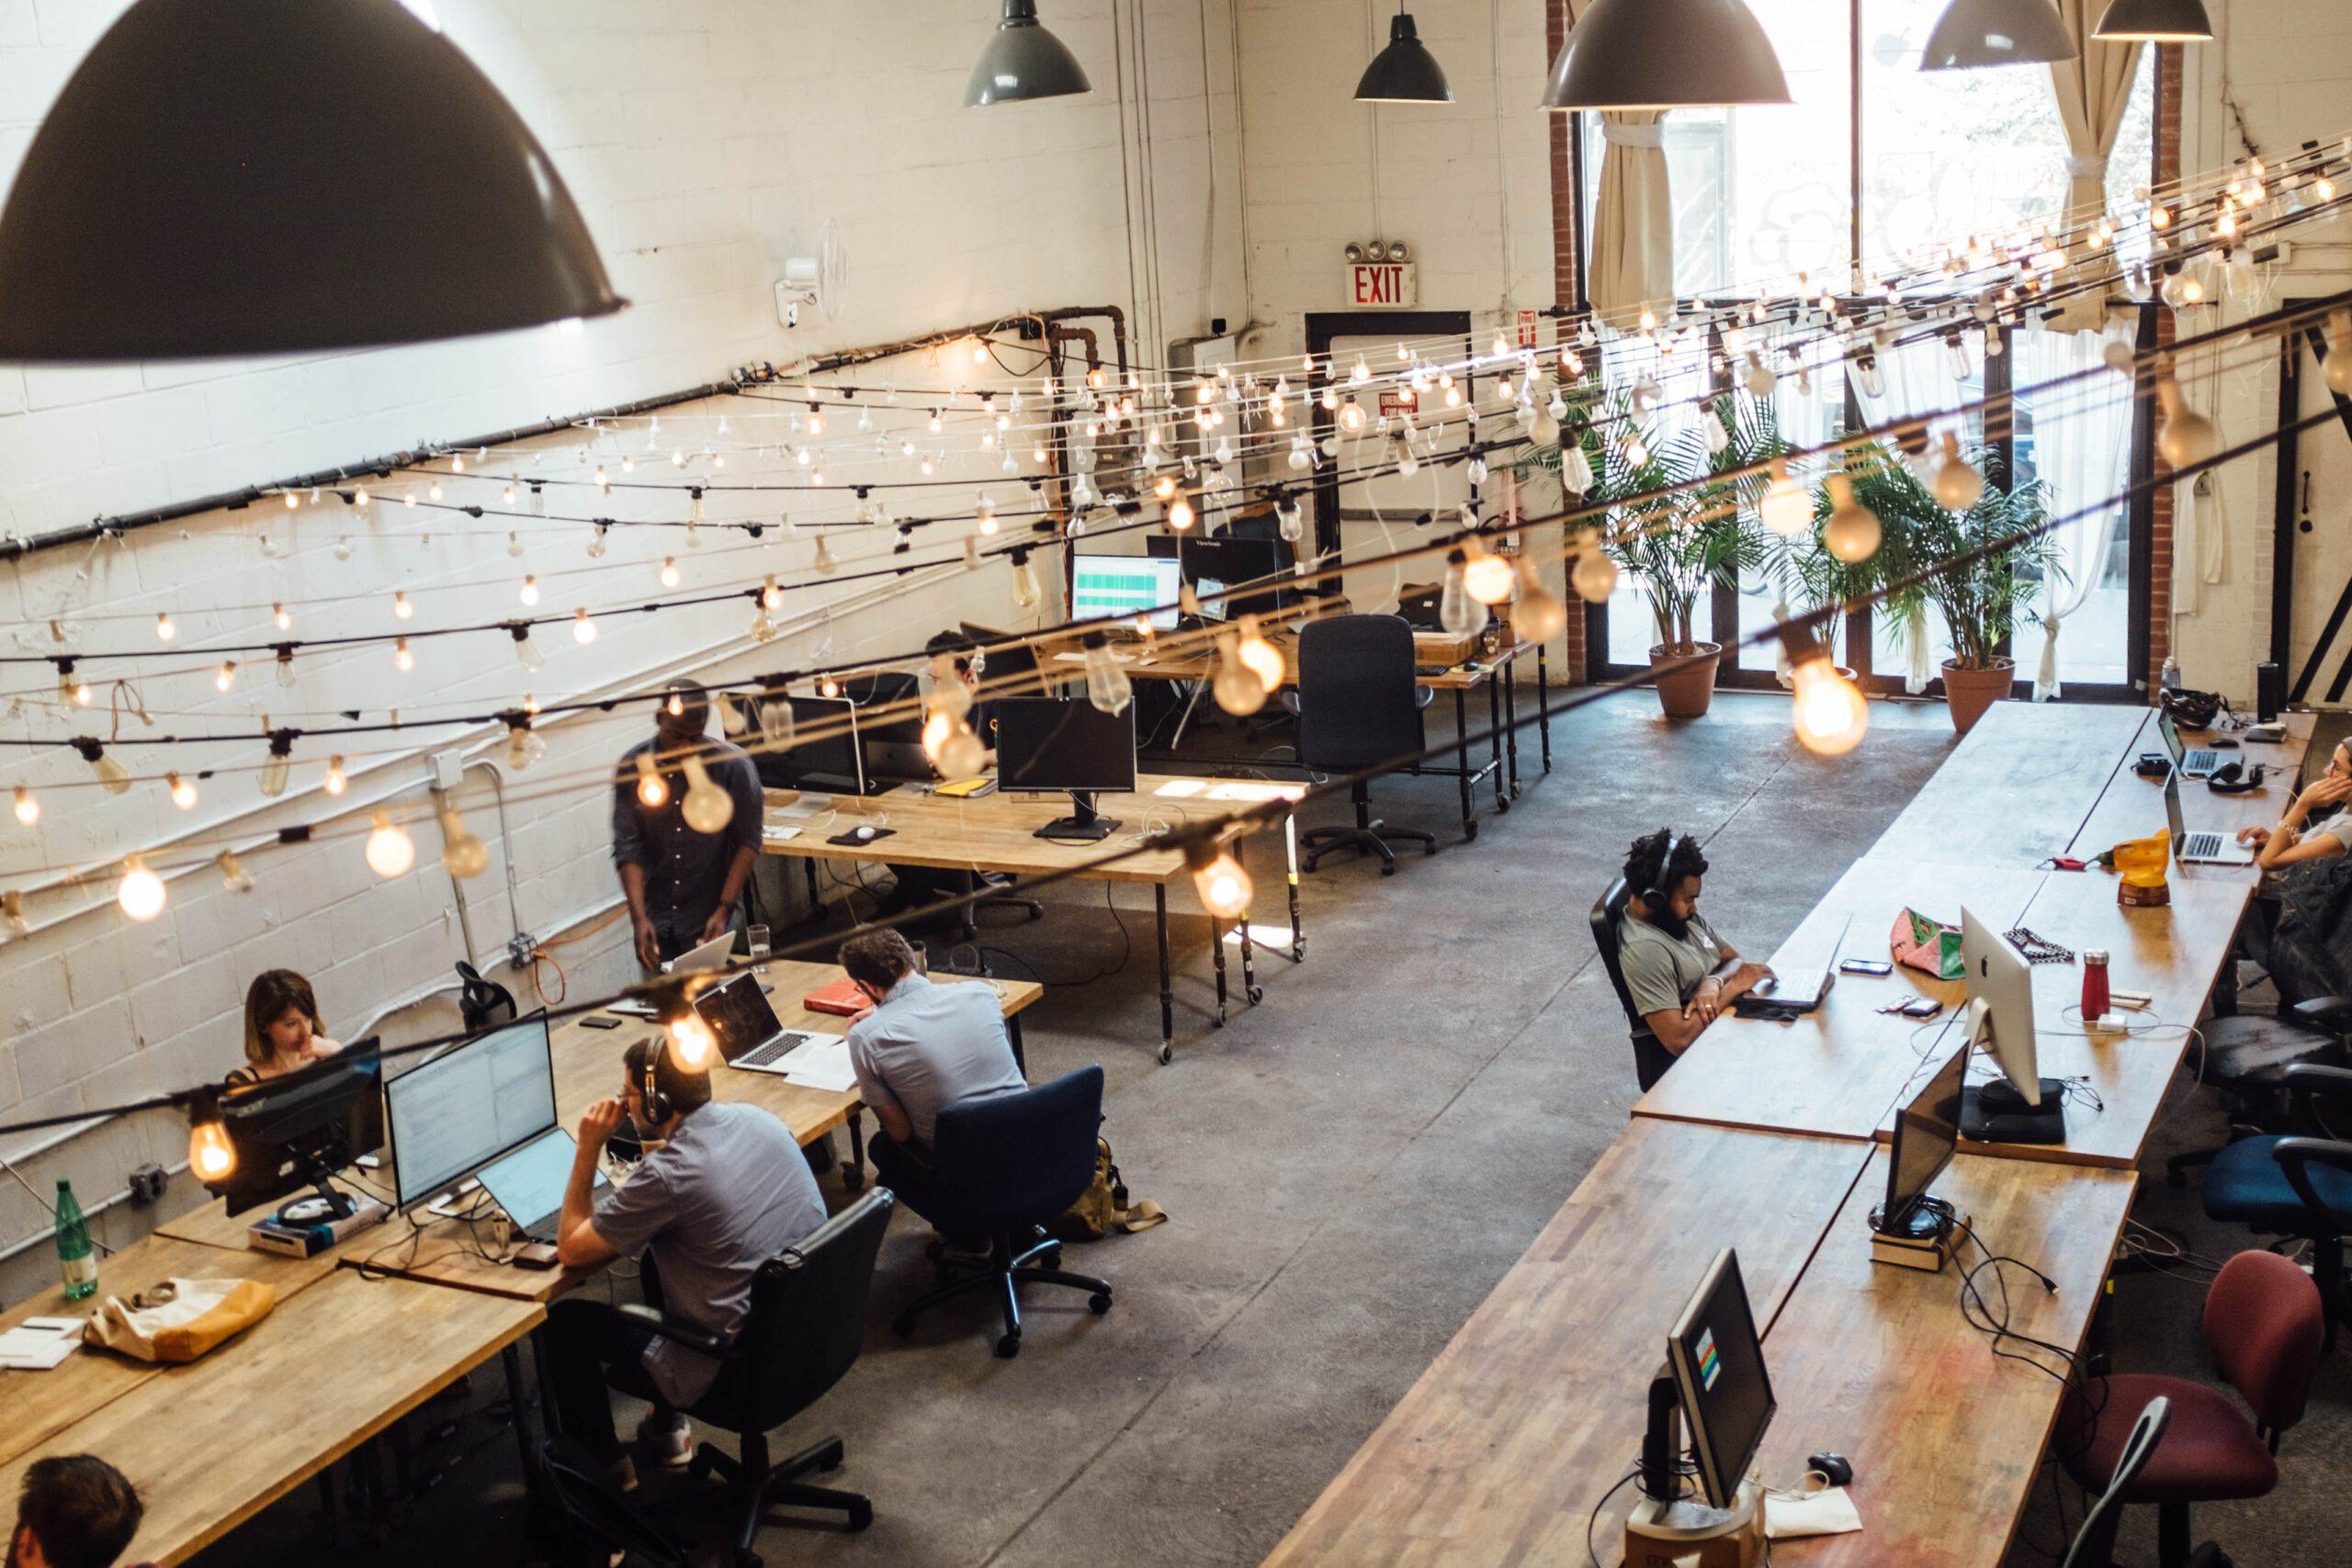 Desksharing